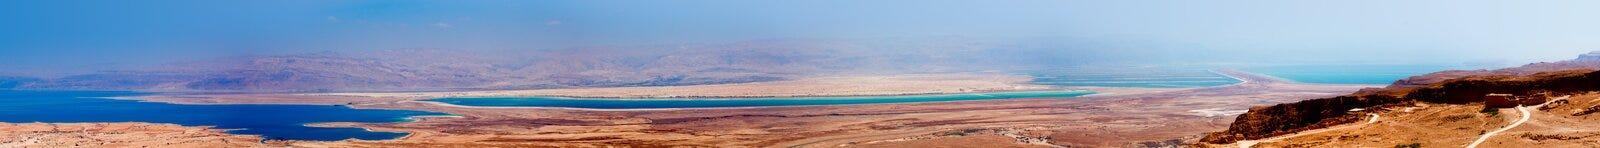 Panoramablick des Toten Meers in der Judaean-Wüste - Israel lizenzfreie stockbilder